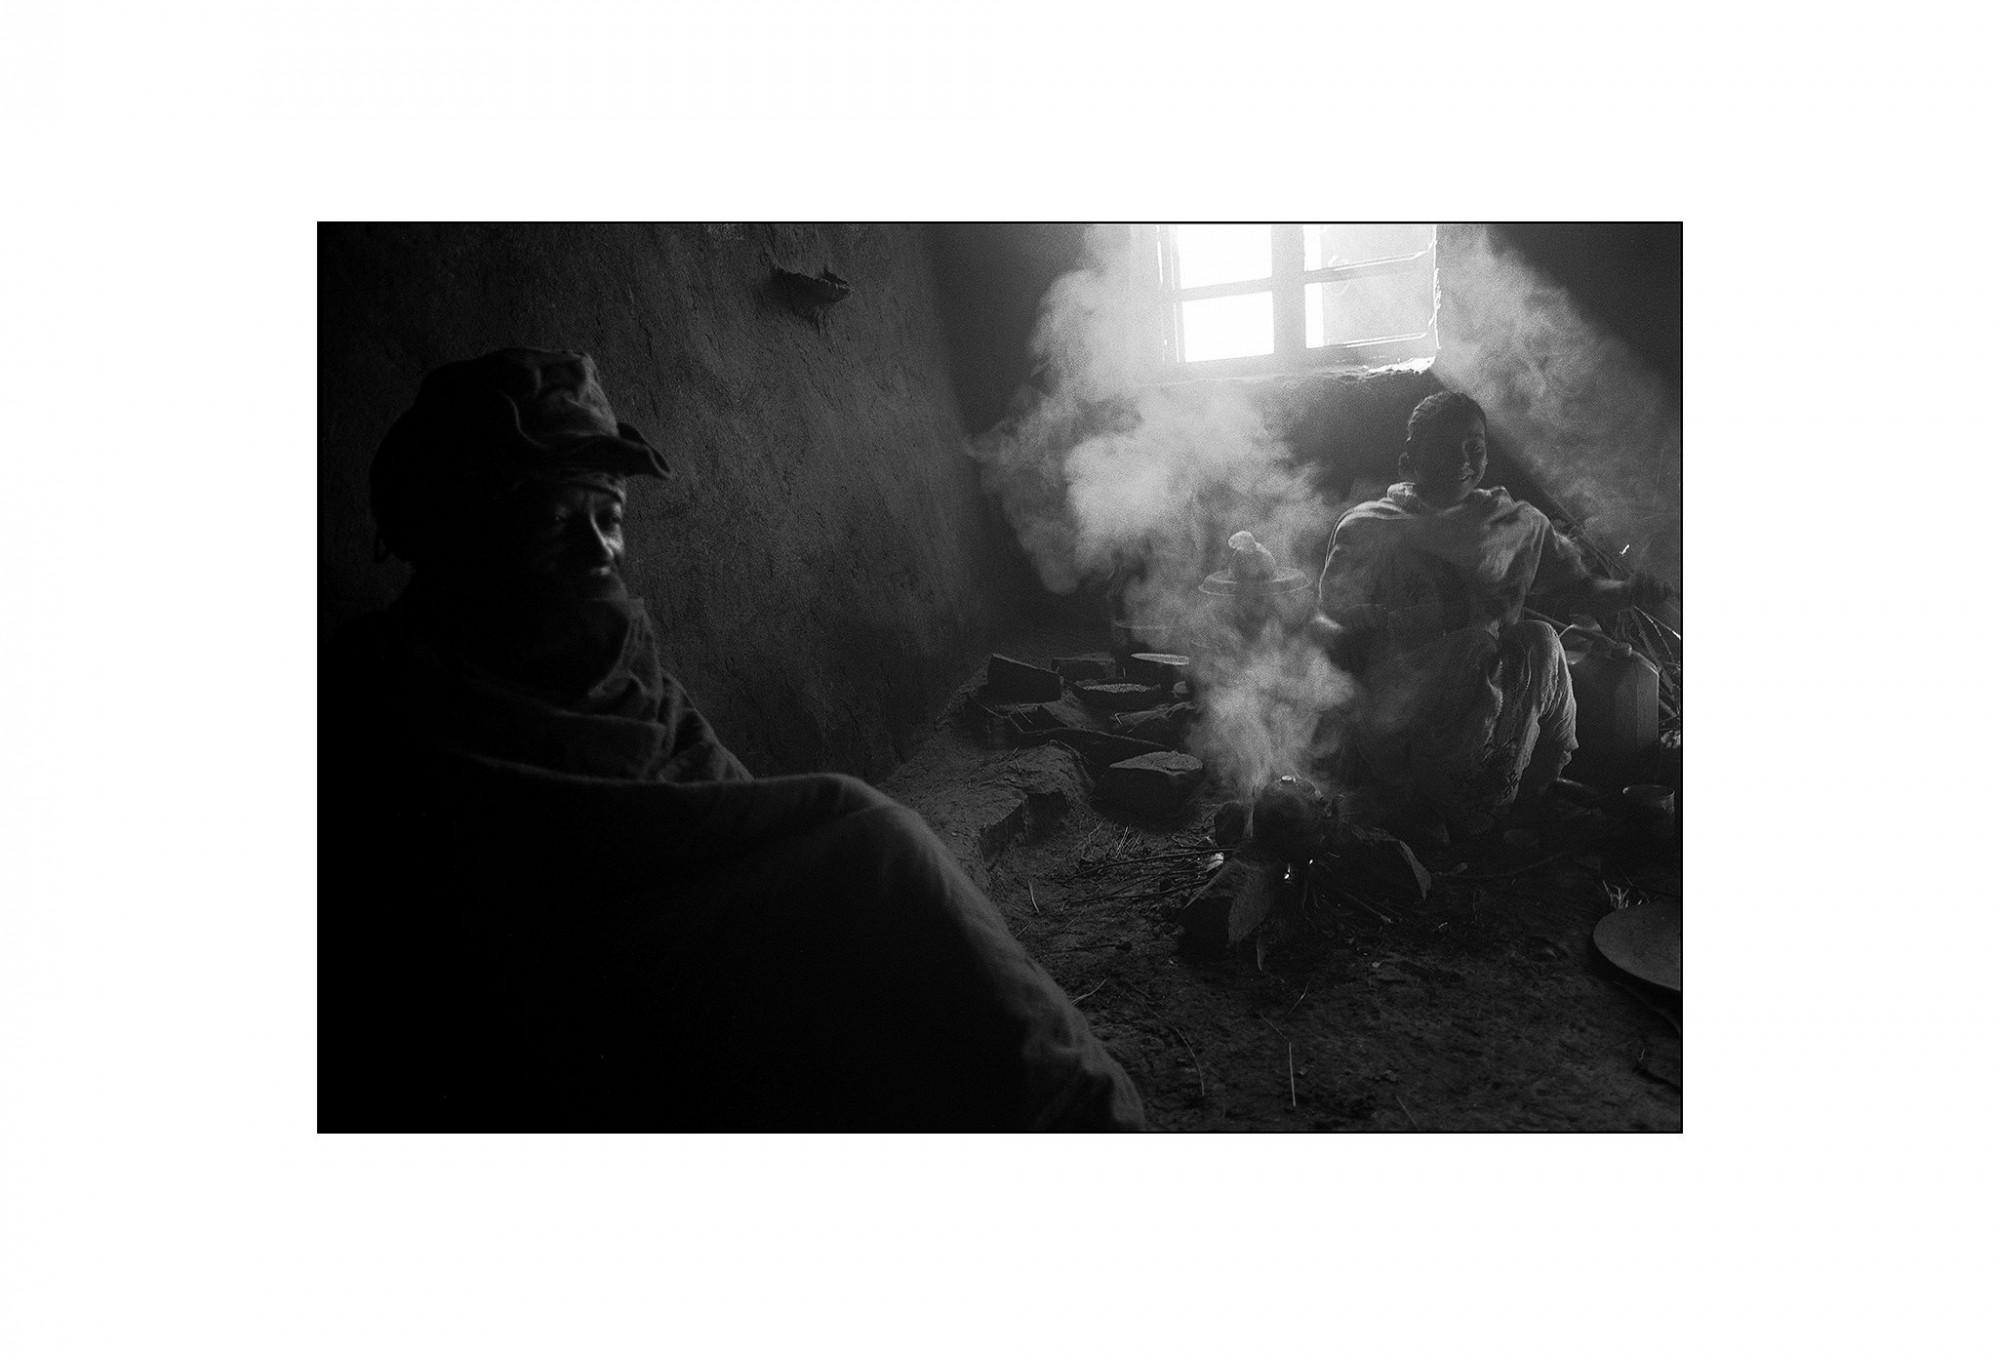 Afbeelding: Fotografie - Art, uit de reeks : De kleur van zwart. Ethiopië, 02-11-14, © Dominique Van Huffel.